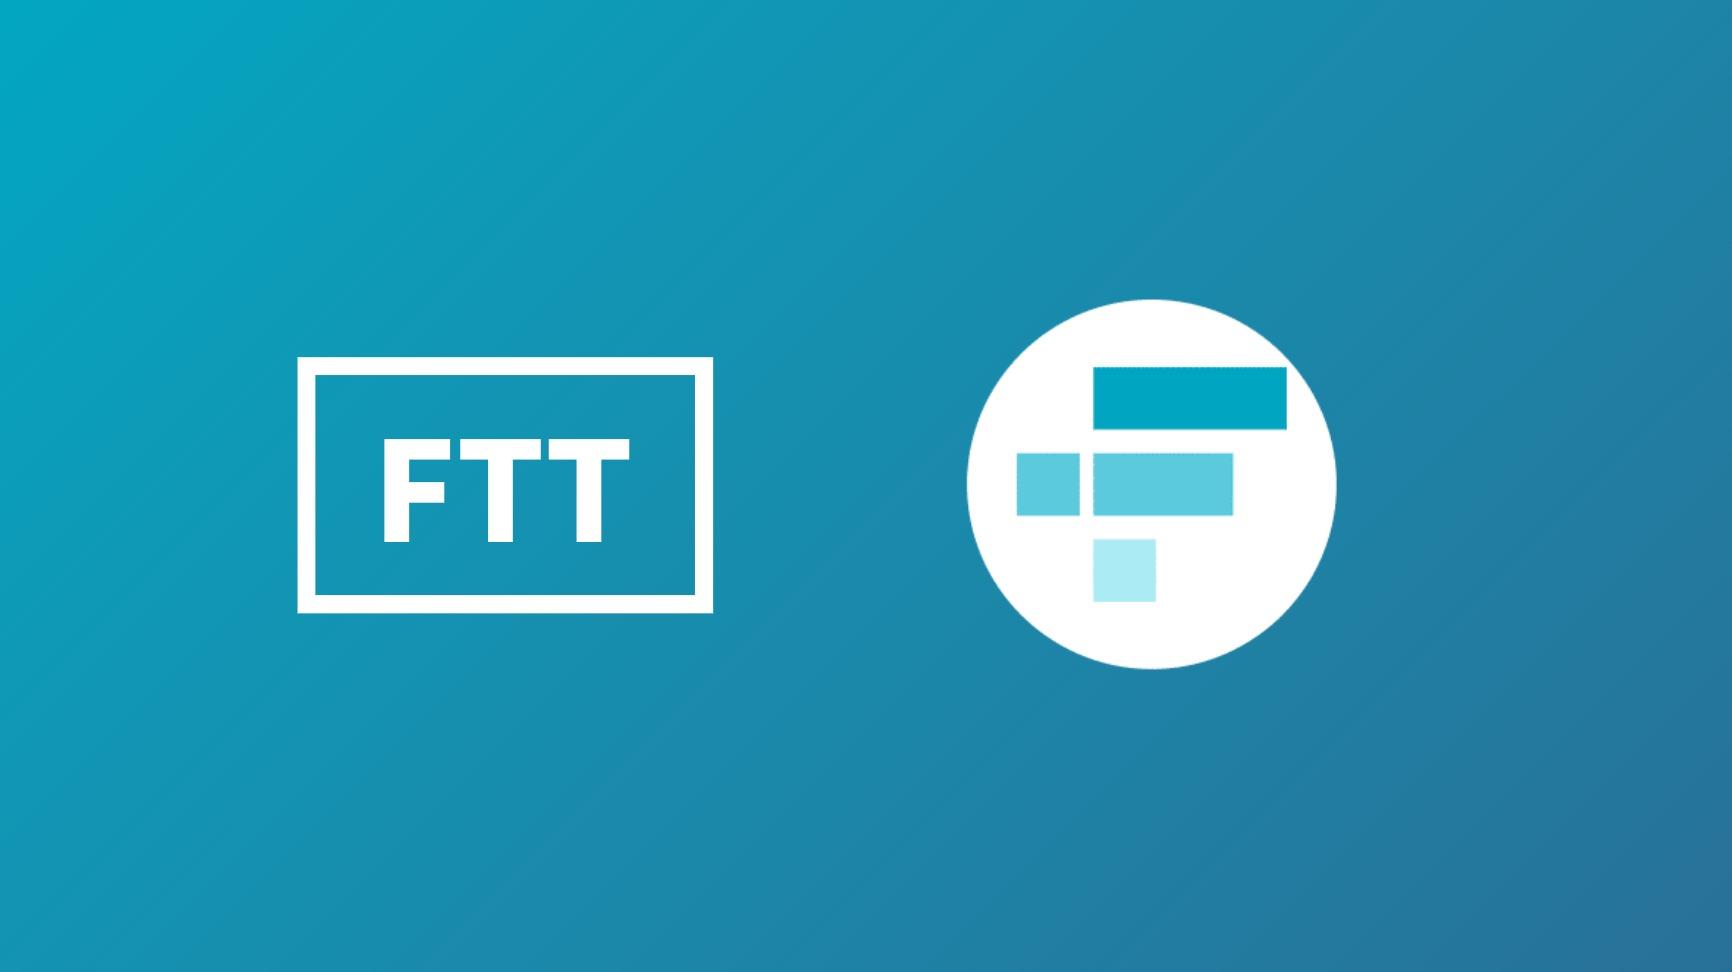 取引所トークン「FTT(FTX Token)」とは?特徴や保有するメリットについて解説!!